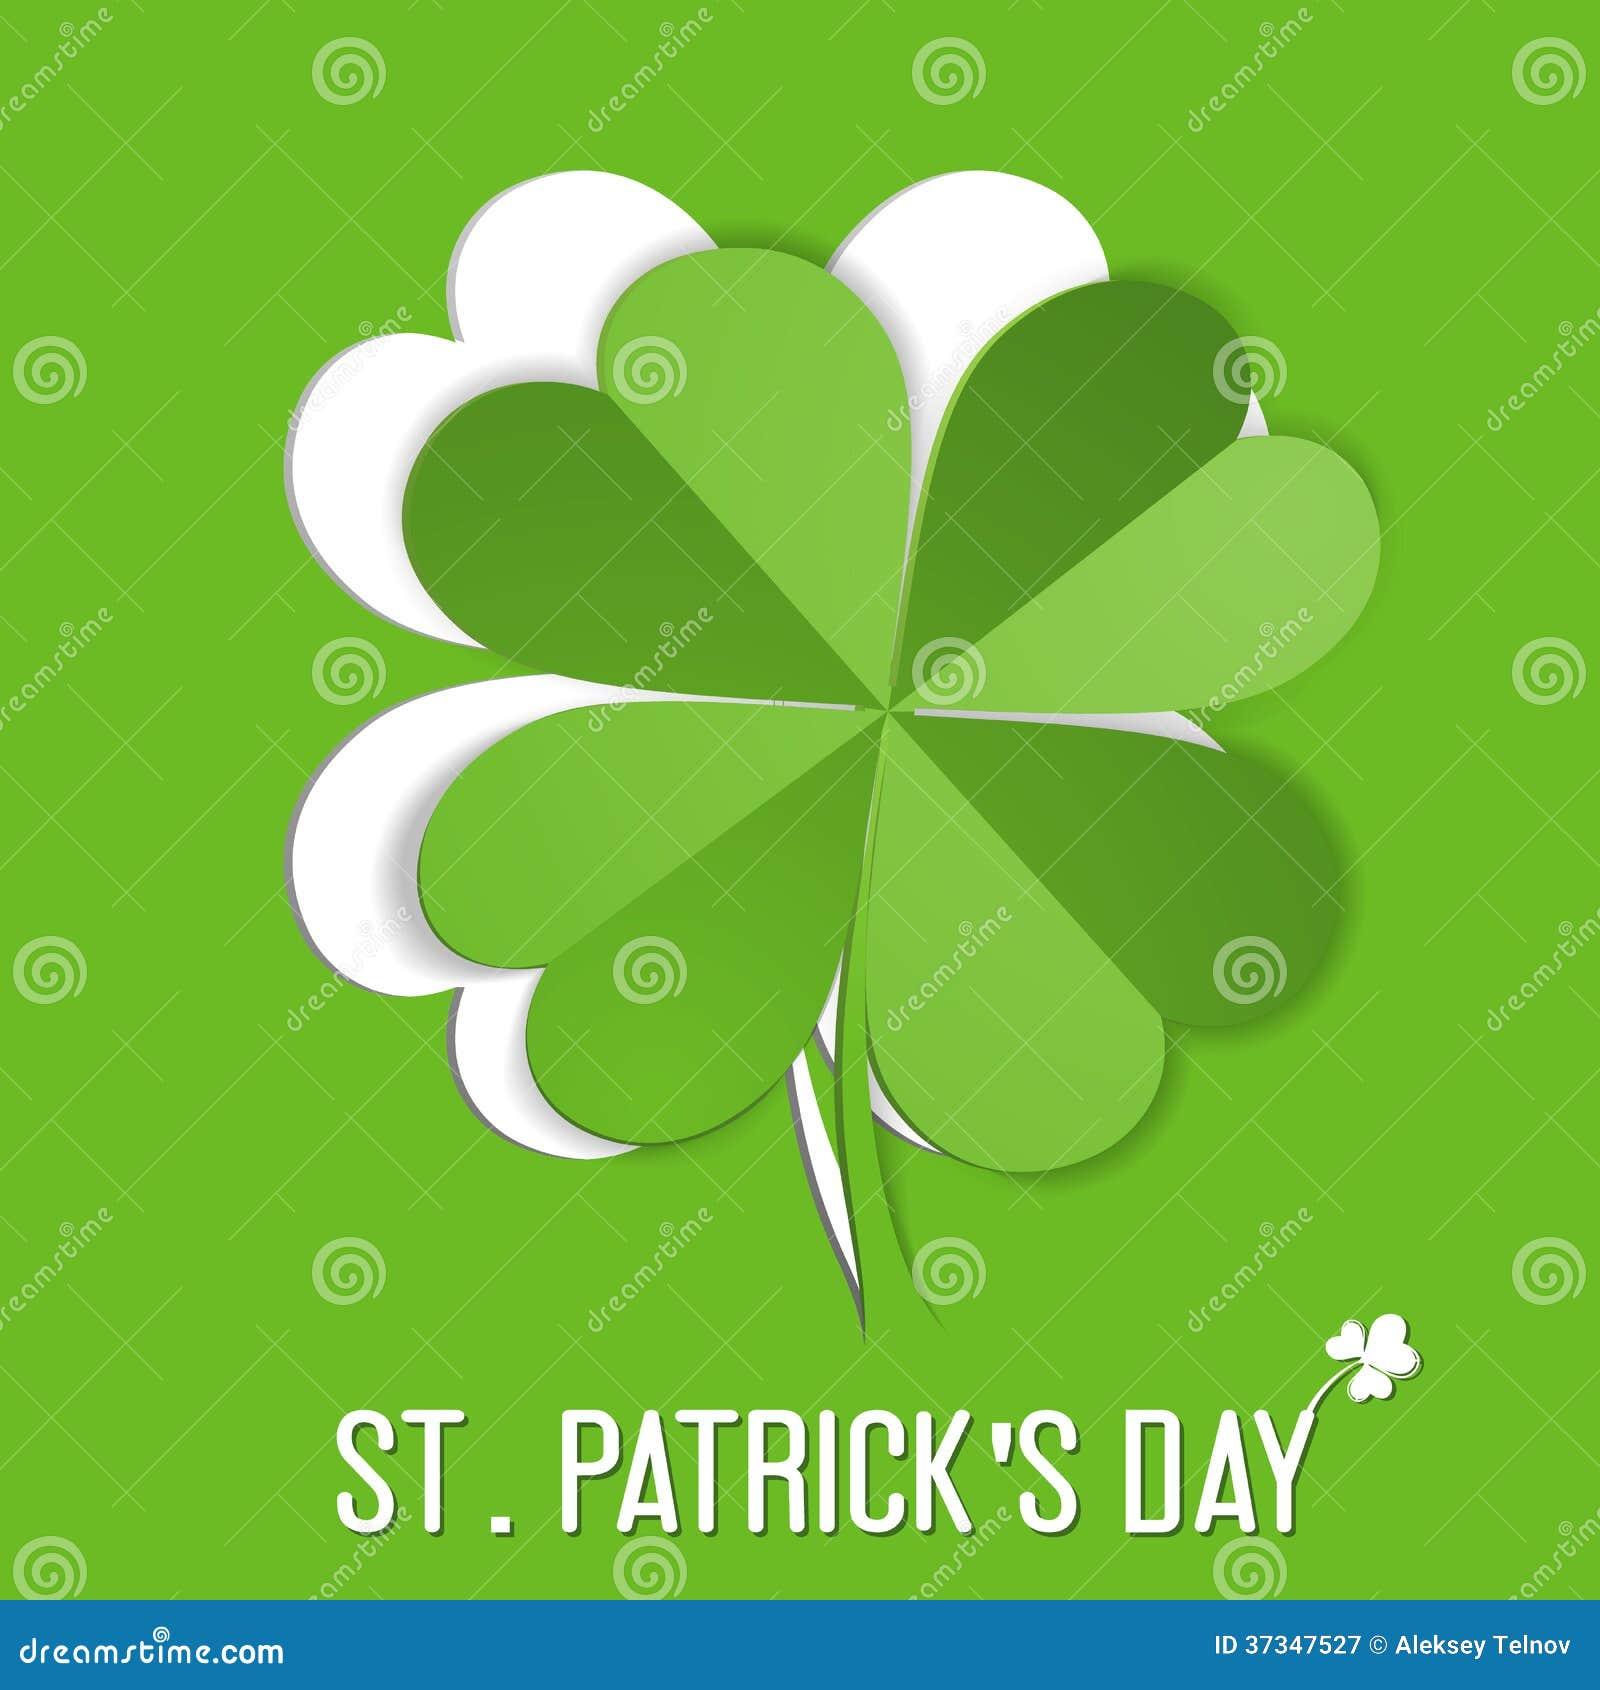 Klistermärke för St. Patrick Day